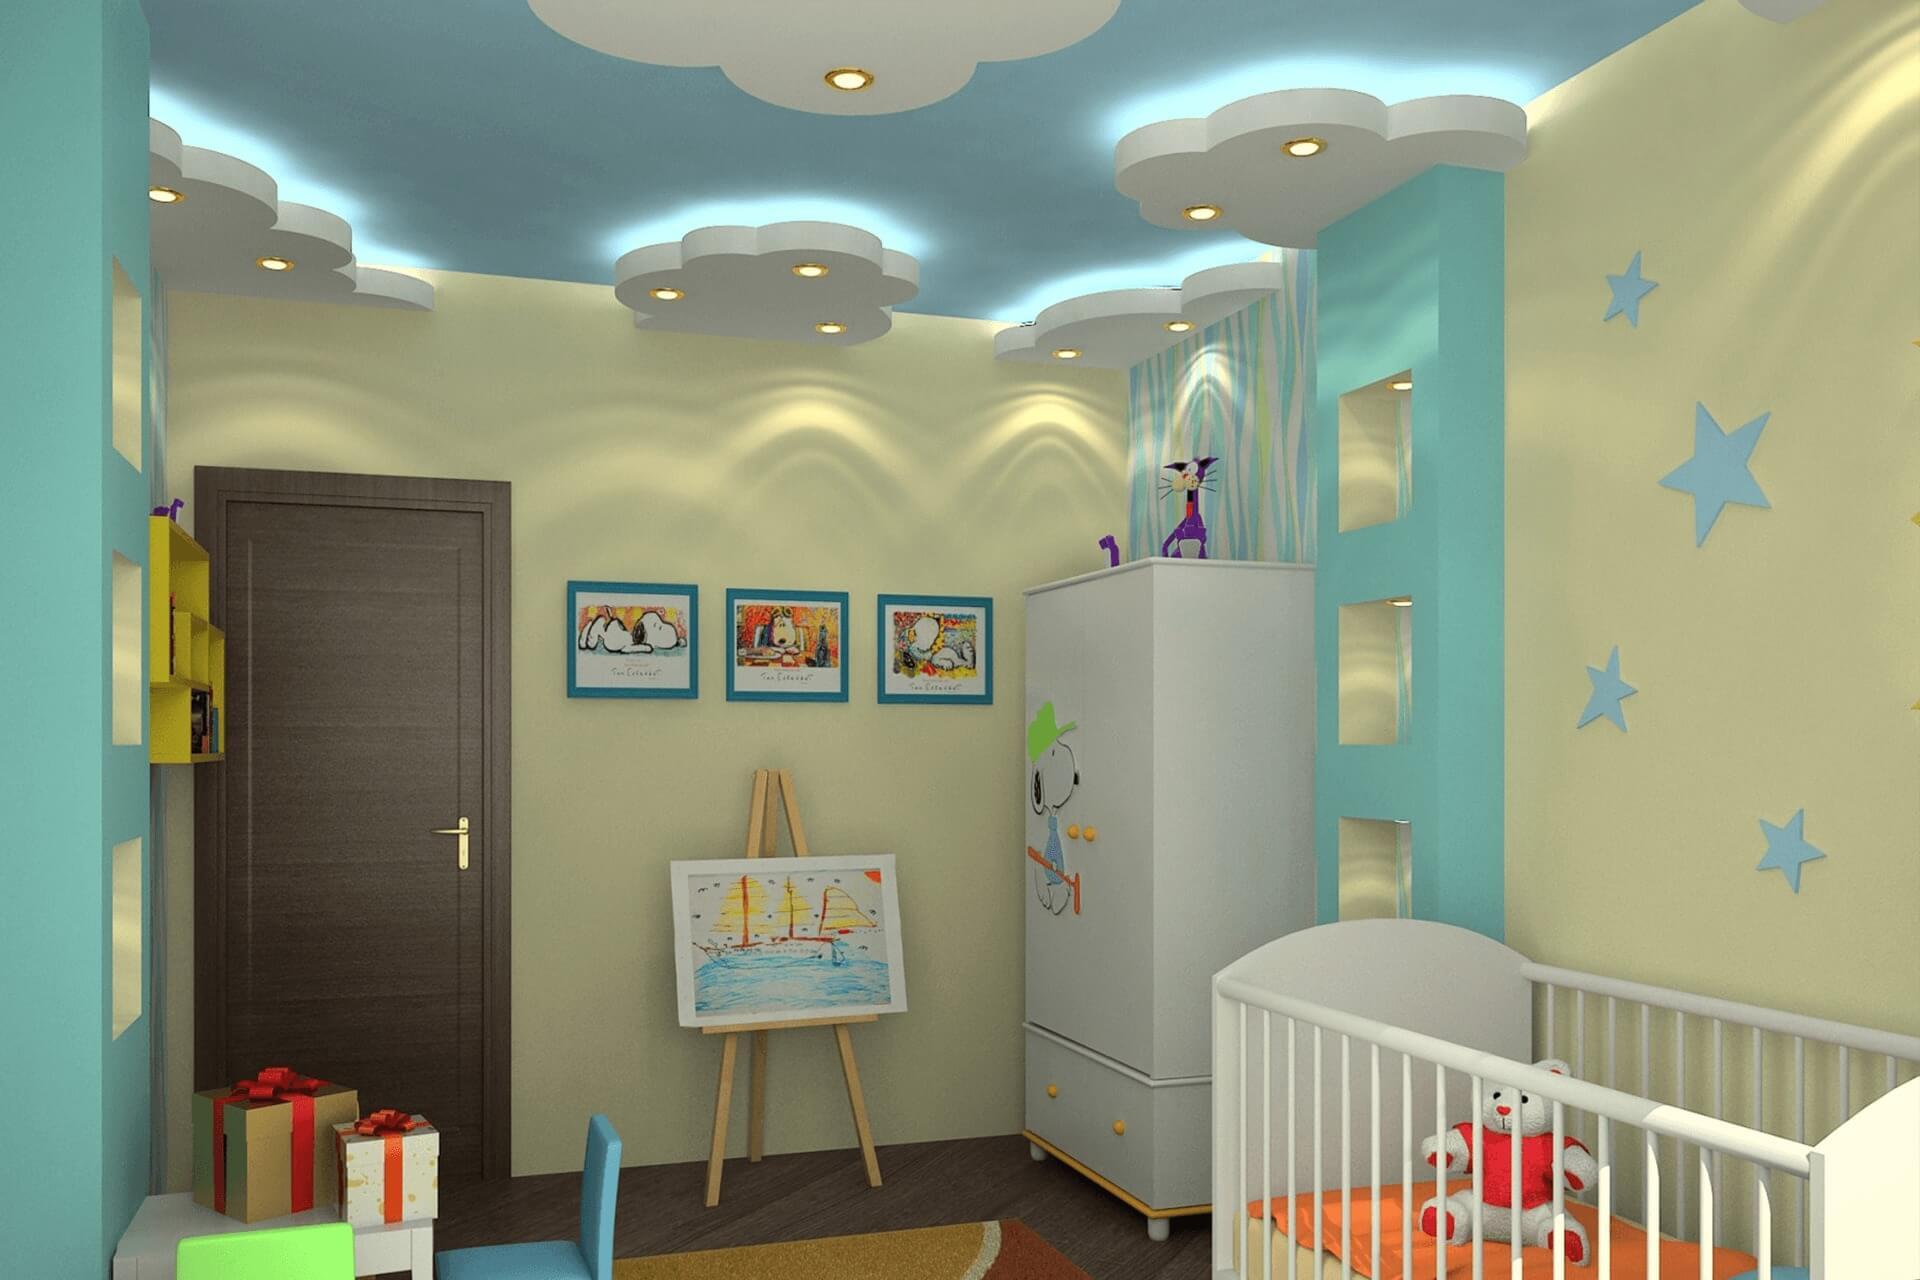 Натяжной потолок с облаками, многоуровневый. Для детской комнаты.